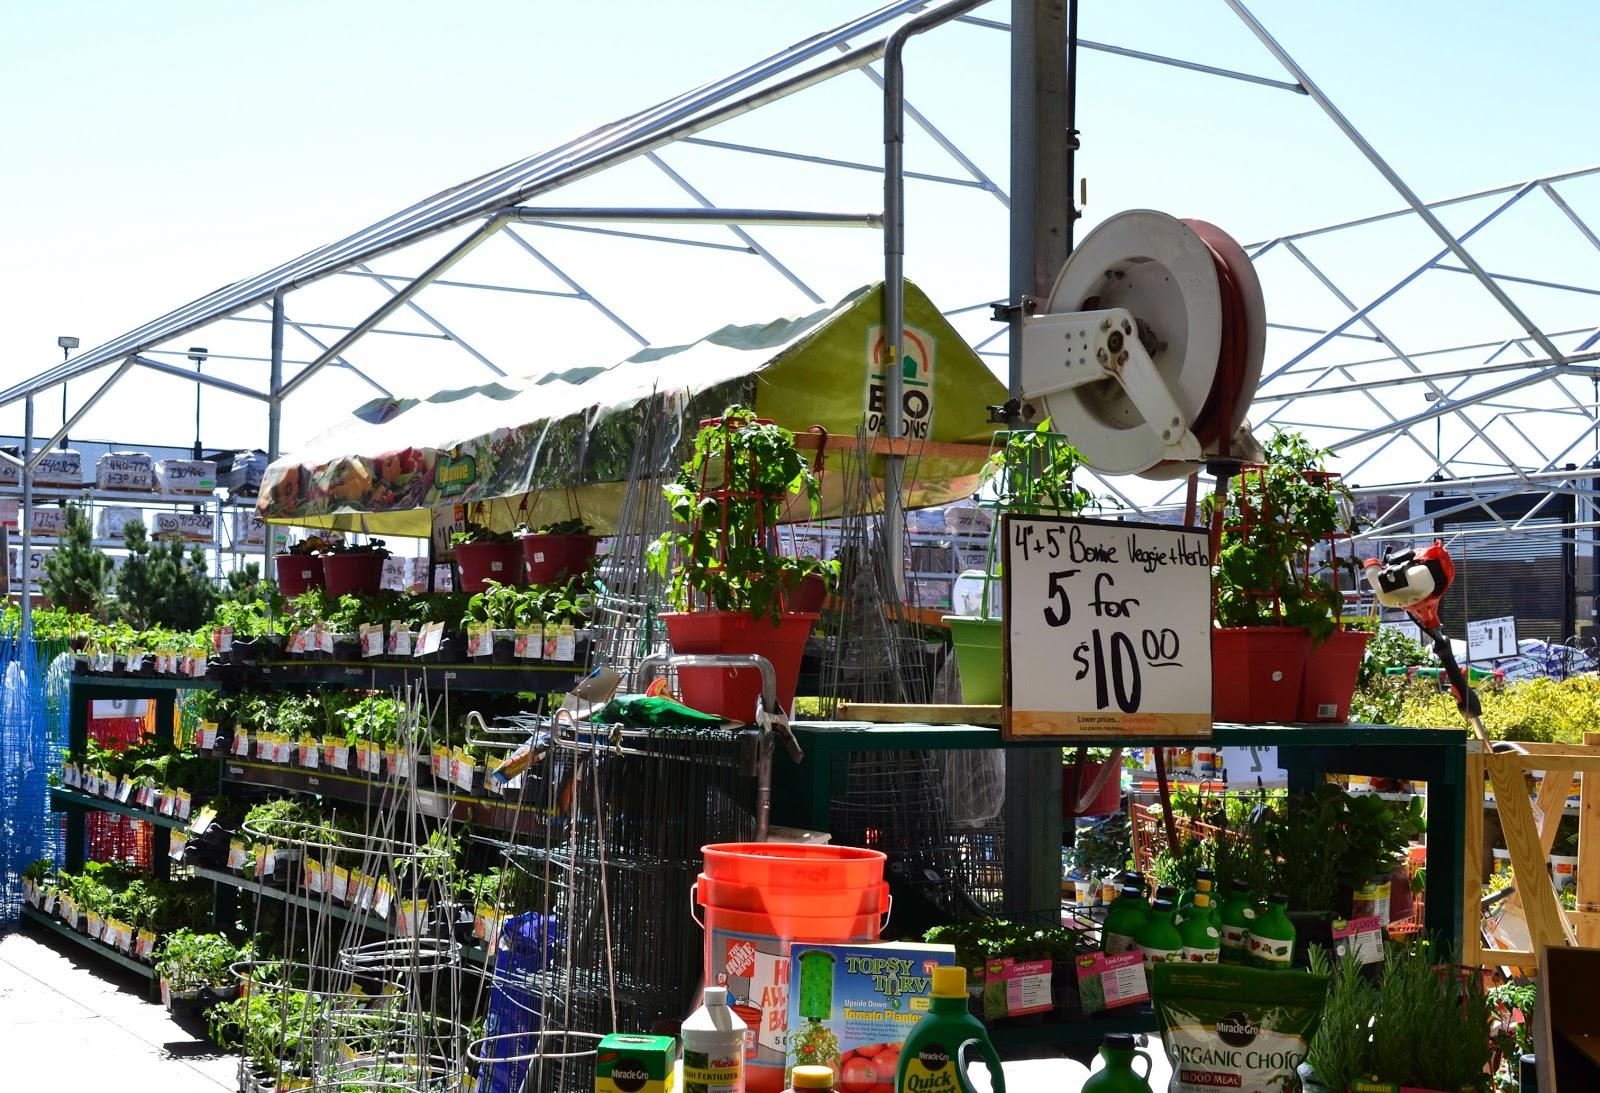 Online Gartencenter Online Gartencenter Ihr Garten Fachcenter Im Internet Urban Garden Center